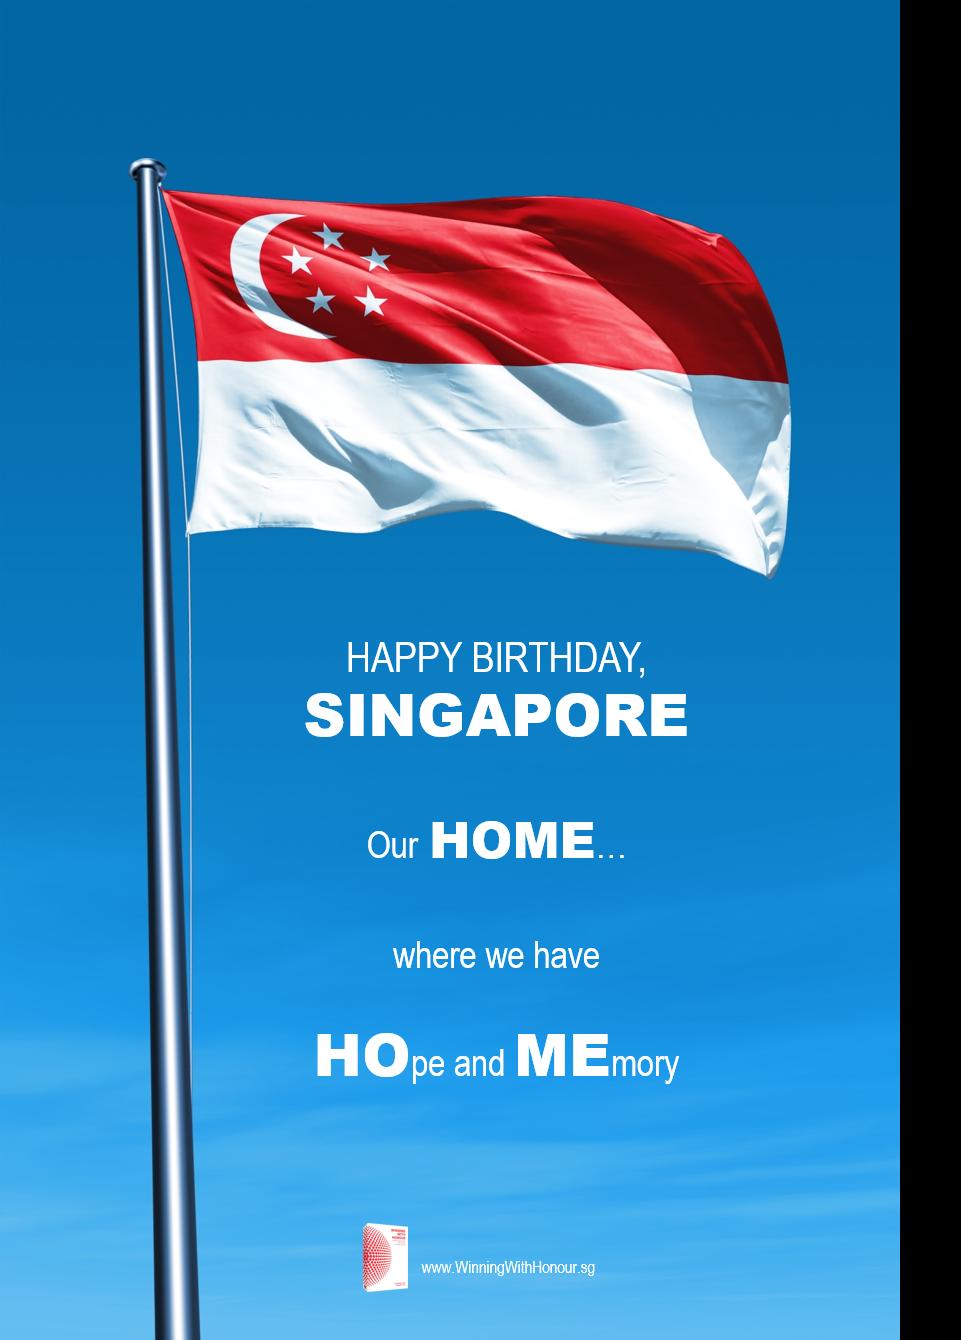 Singapore, our Home